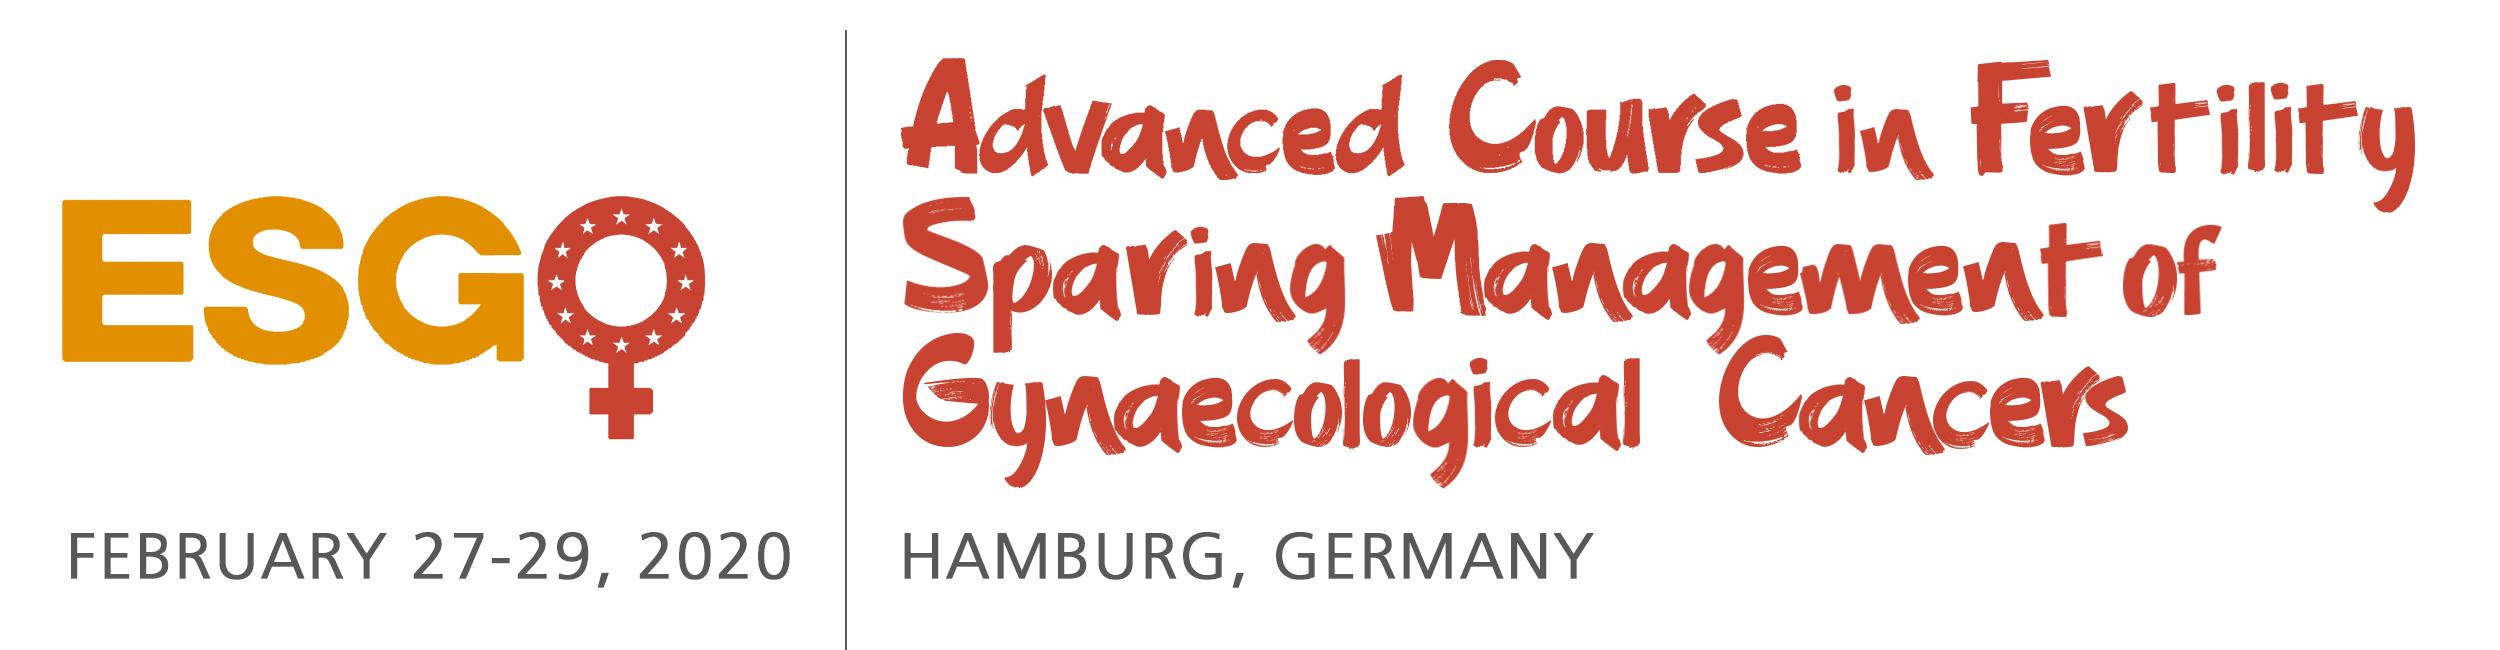 Banner_Advancer_Course_Fertility_Sparing_v1